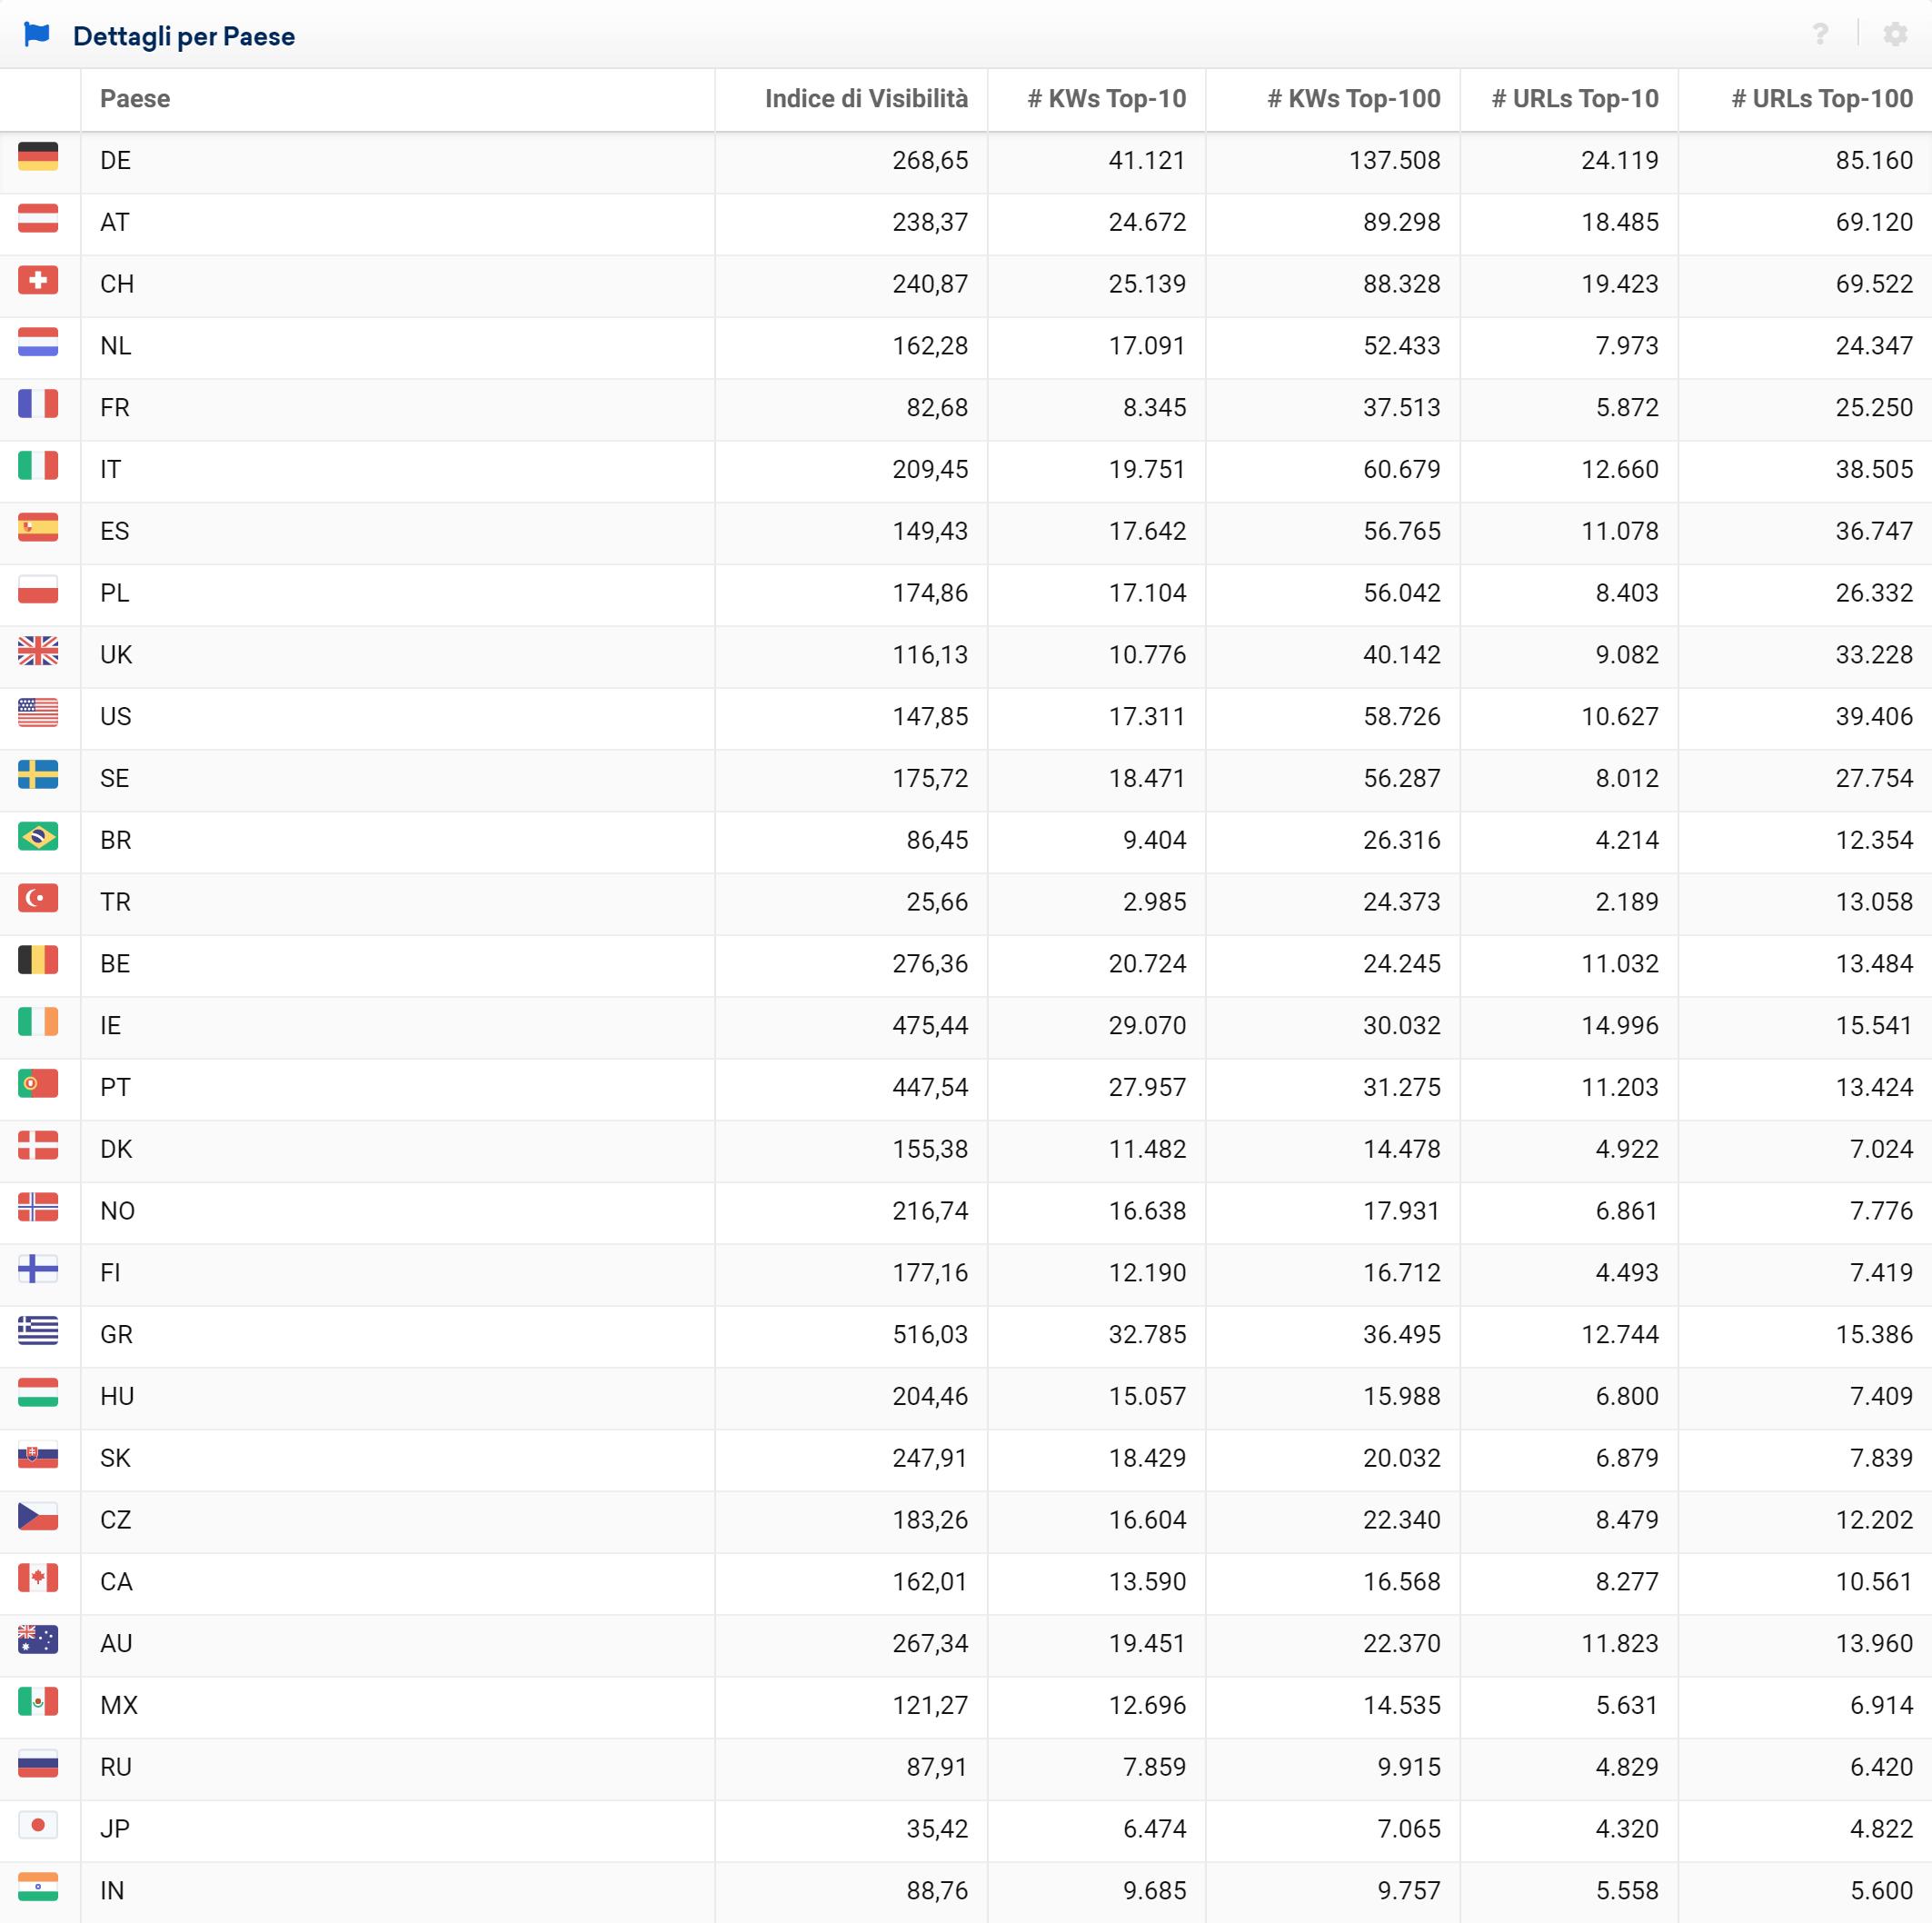 Tabella relativa ai KPI di Booking.com nei diversi Paesi del Toolbox SISTRIX